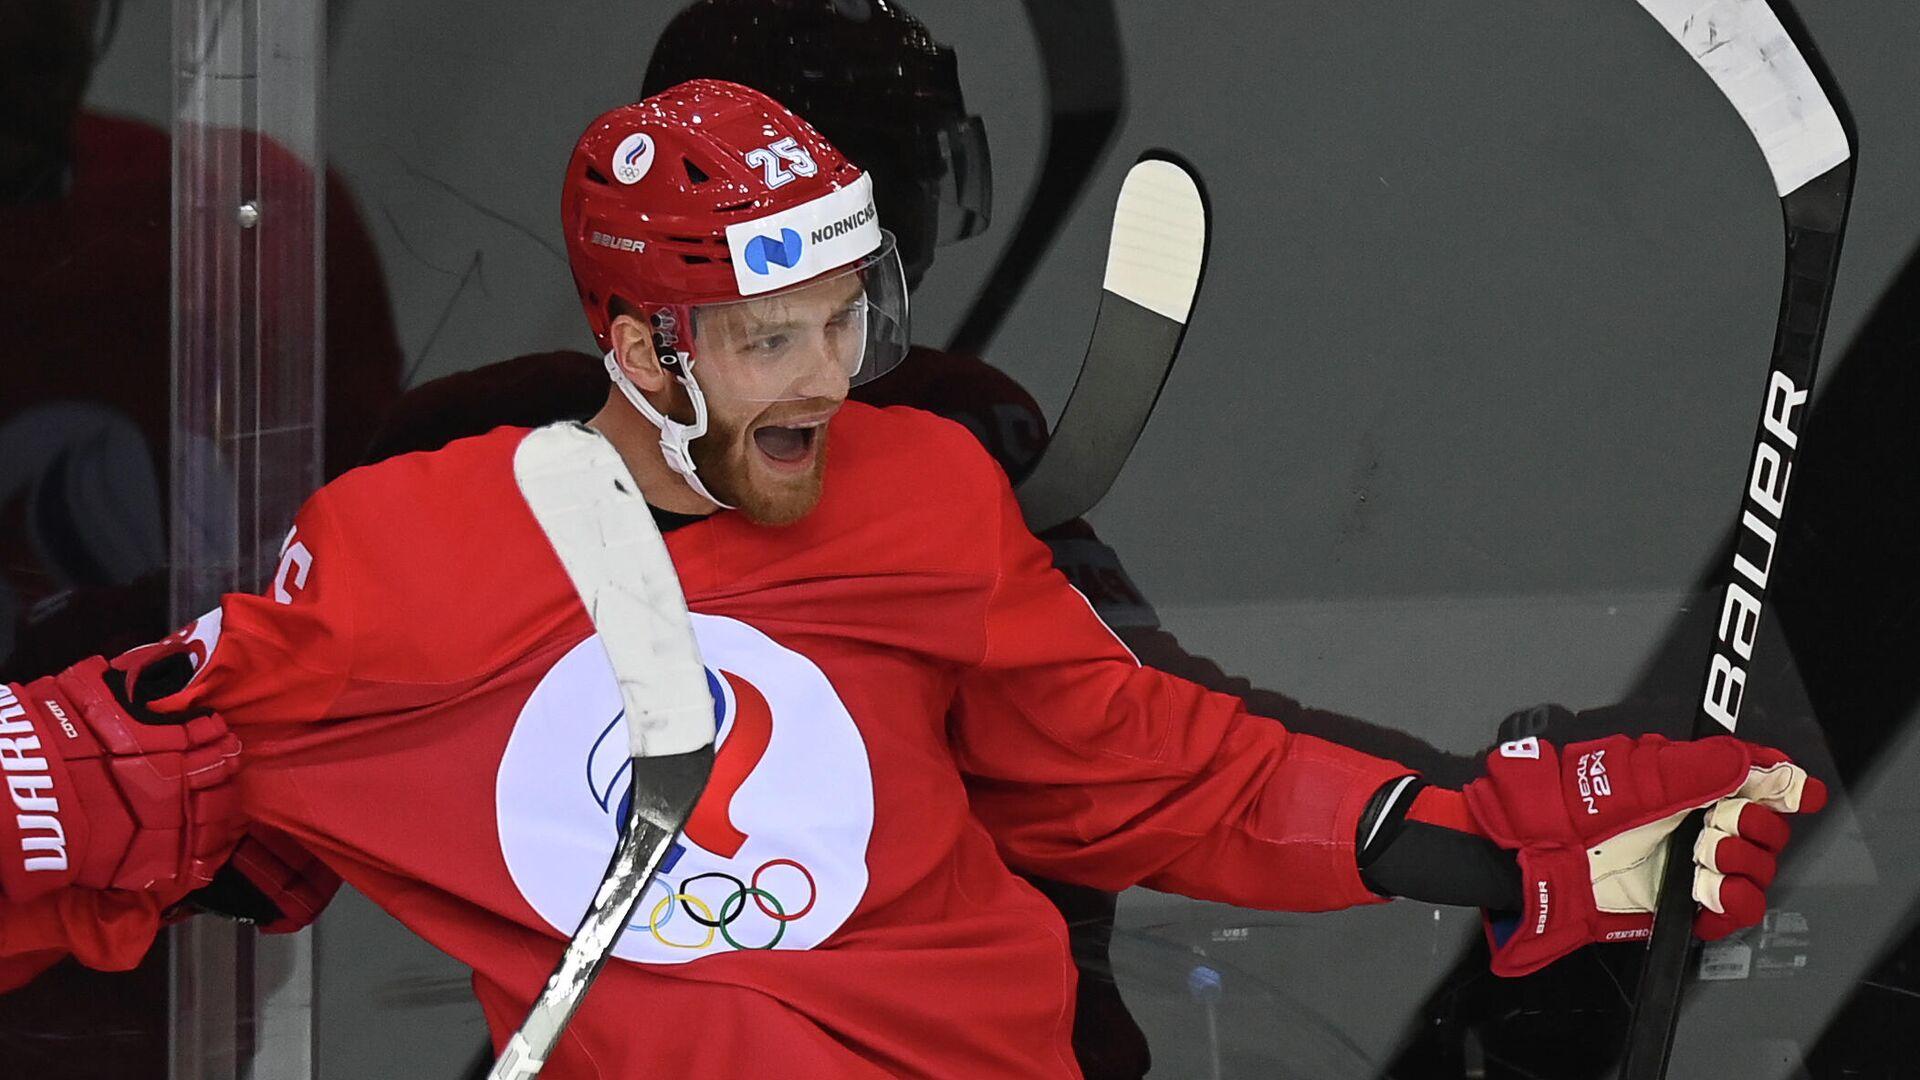 Хоккеист Михаил Григоренко (Россия) - РИА Новости, 1920, 22.05.2021